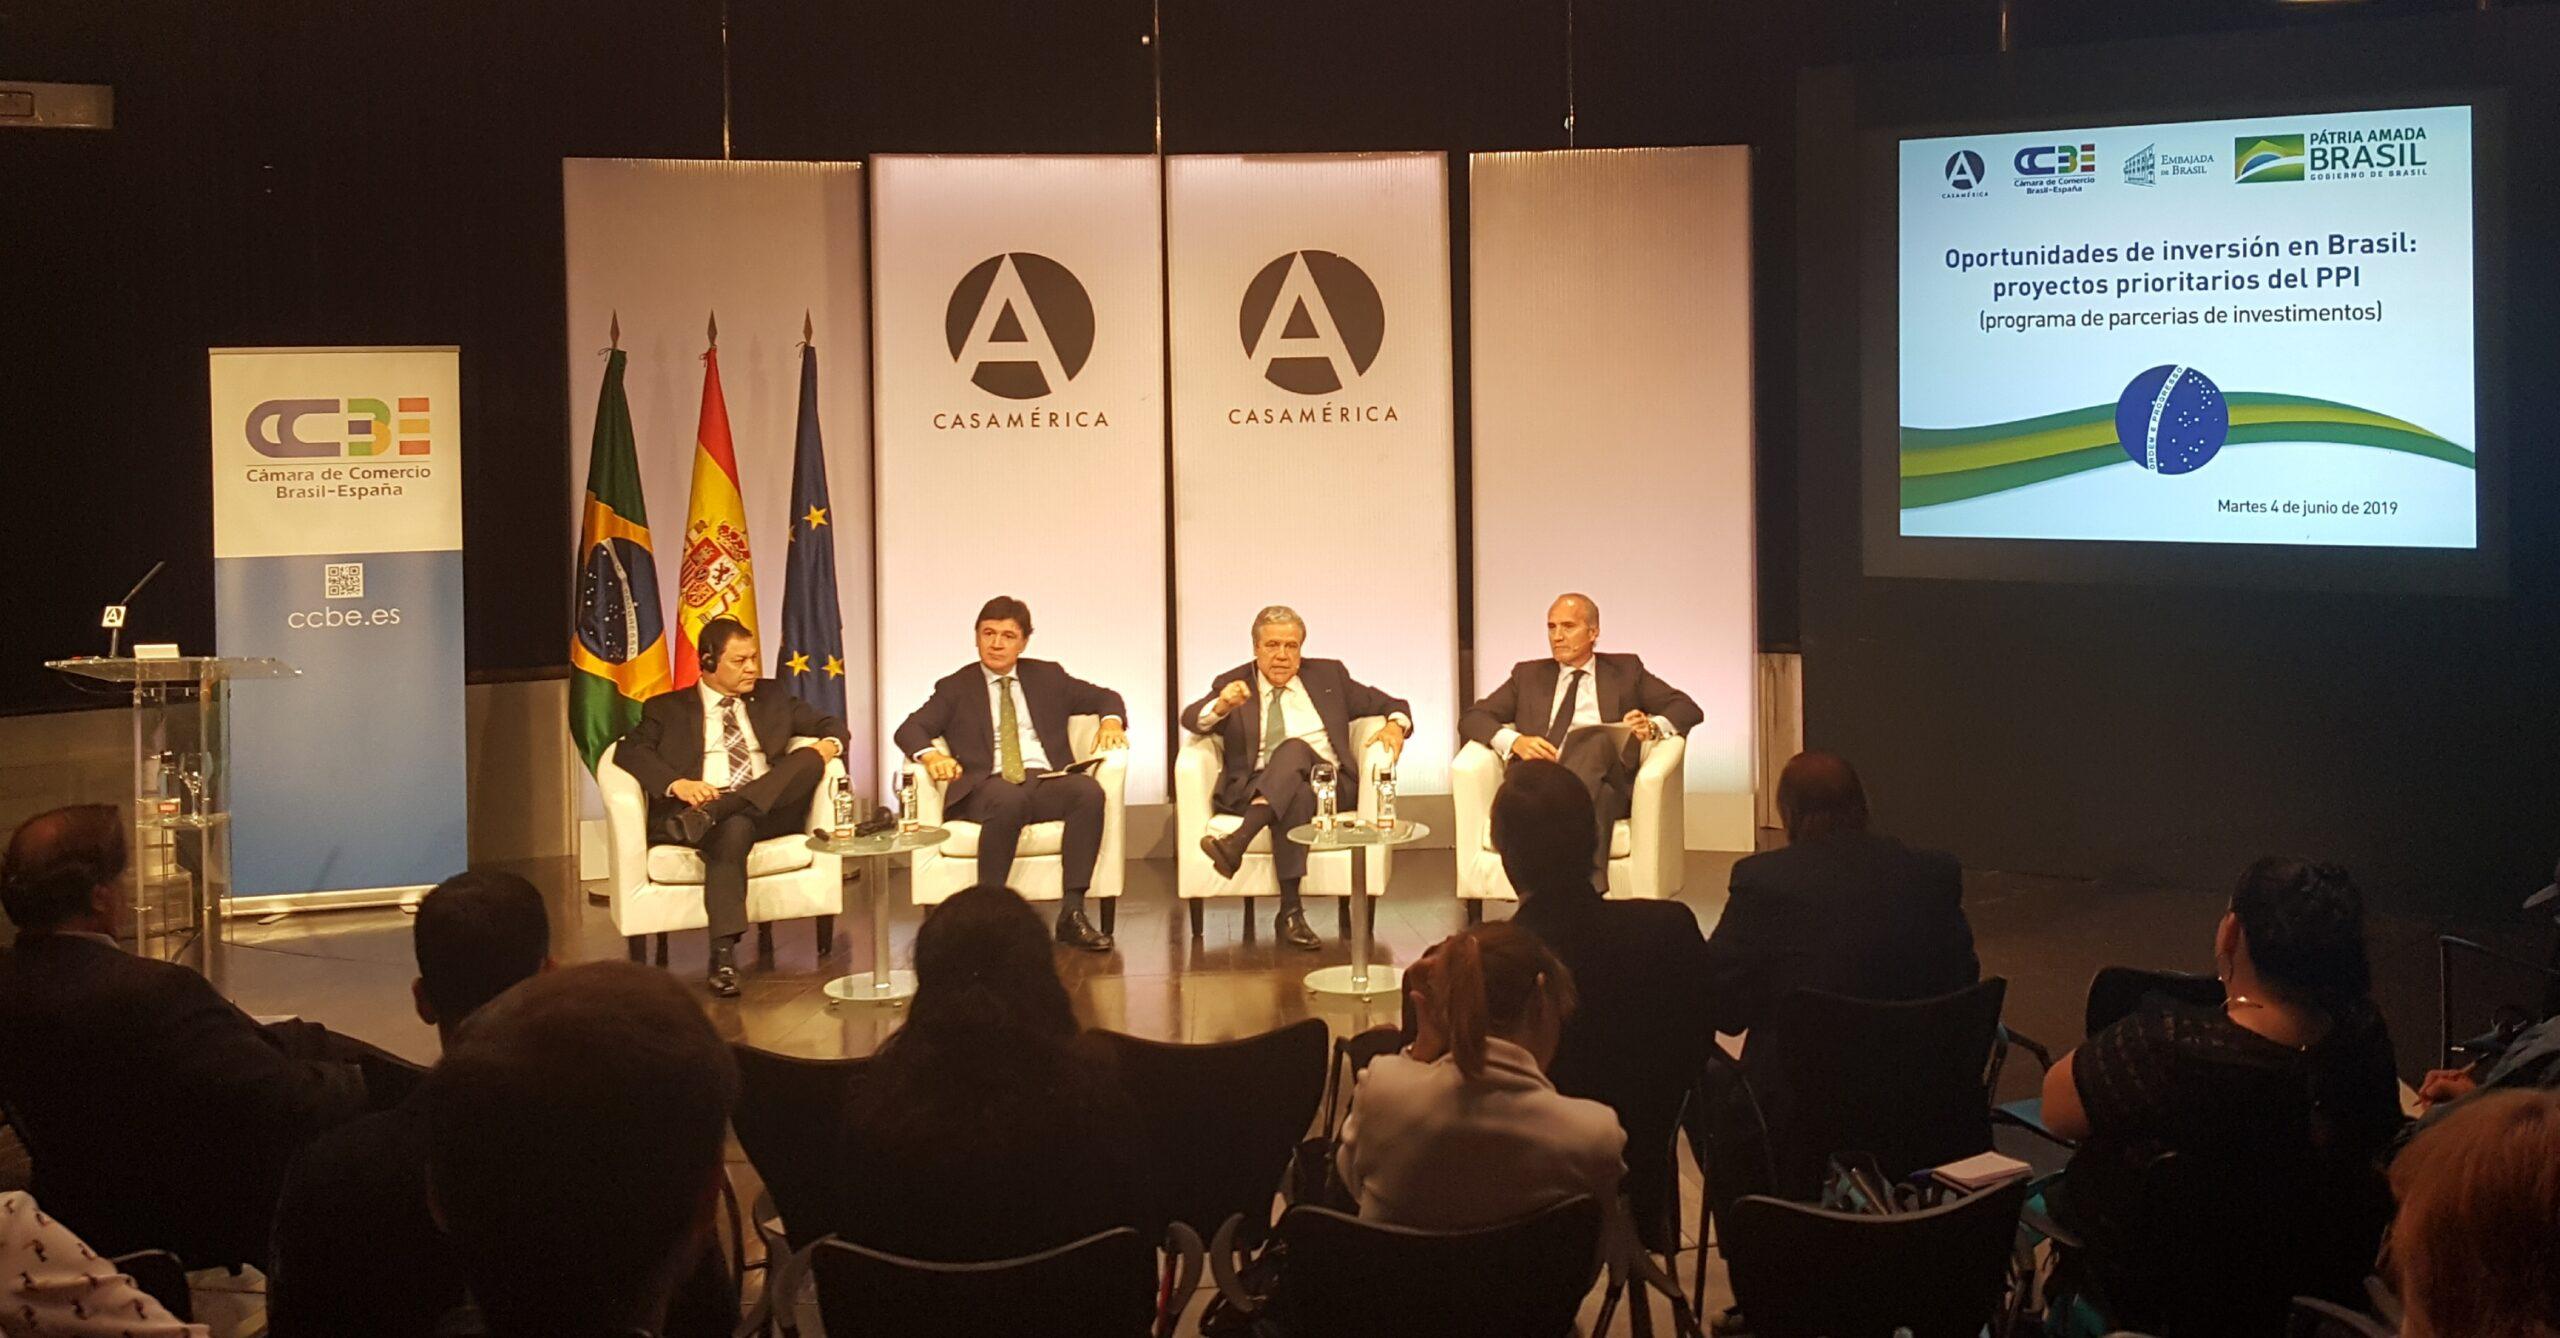 """""""Para las empresas españolas hay 101 oportunidades de inversión en Brasil en los sectores de ferrocarril, puertos, aeropuertos, carreteras, minería, energía, petróleo y gas""""."""